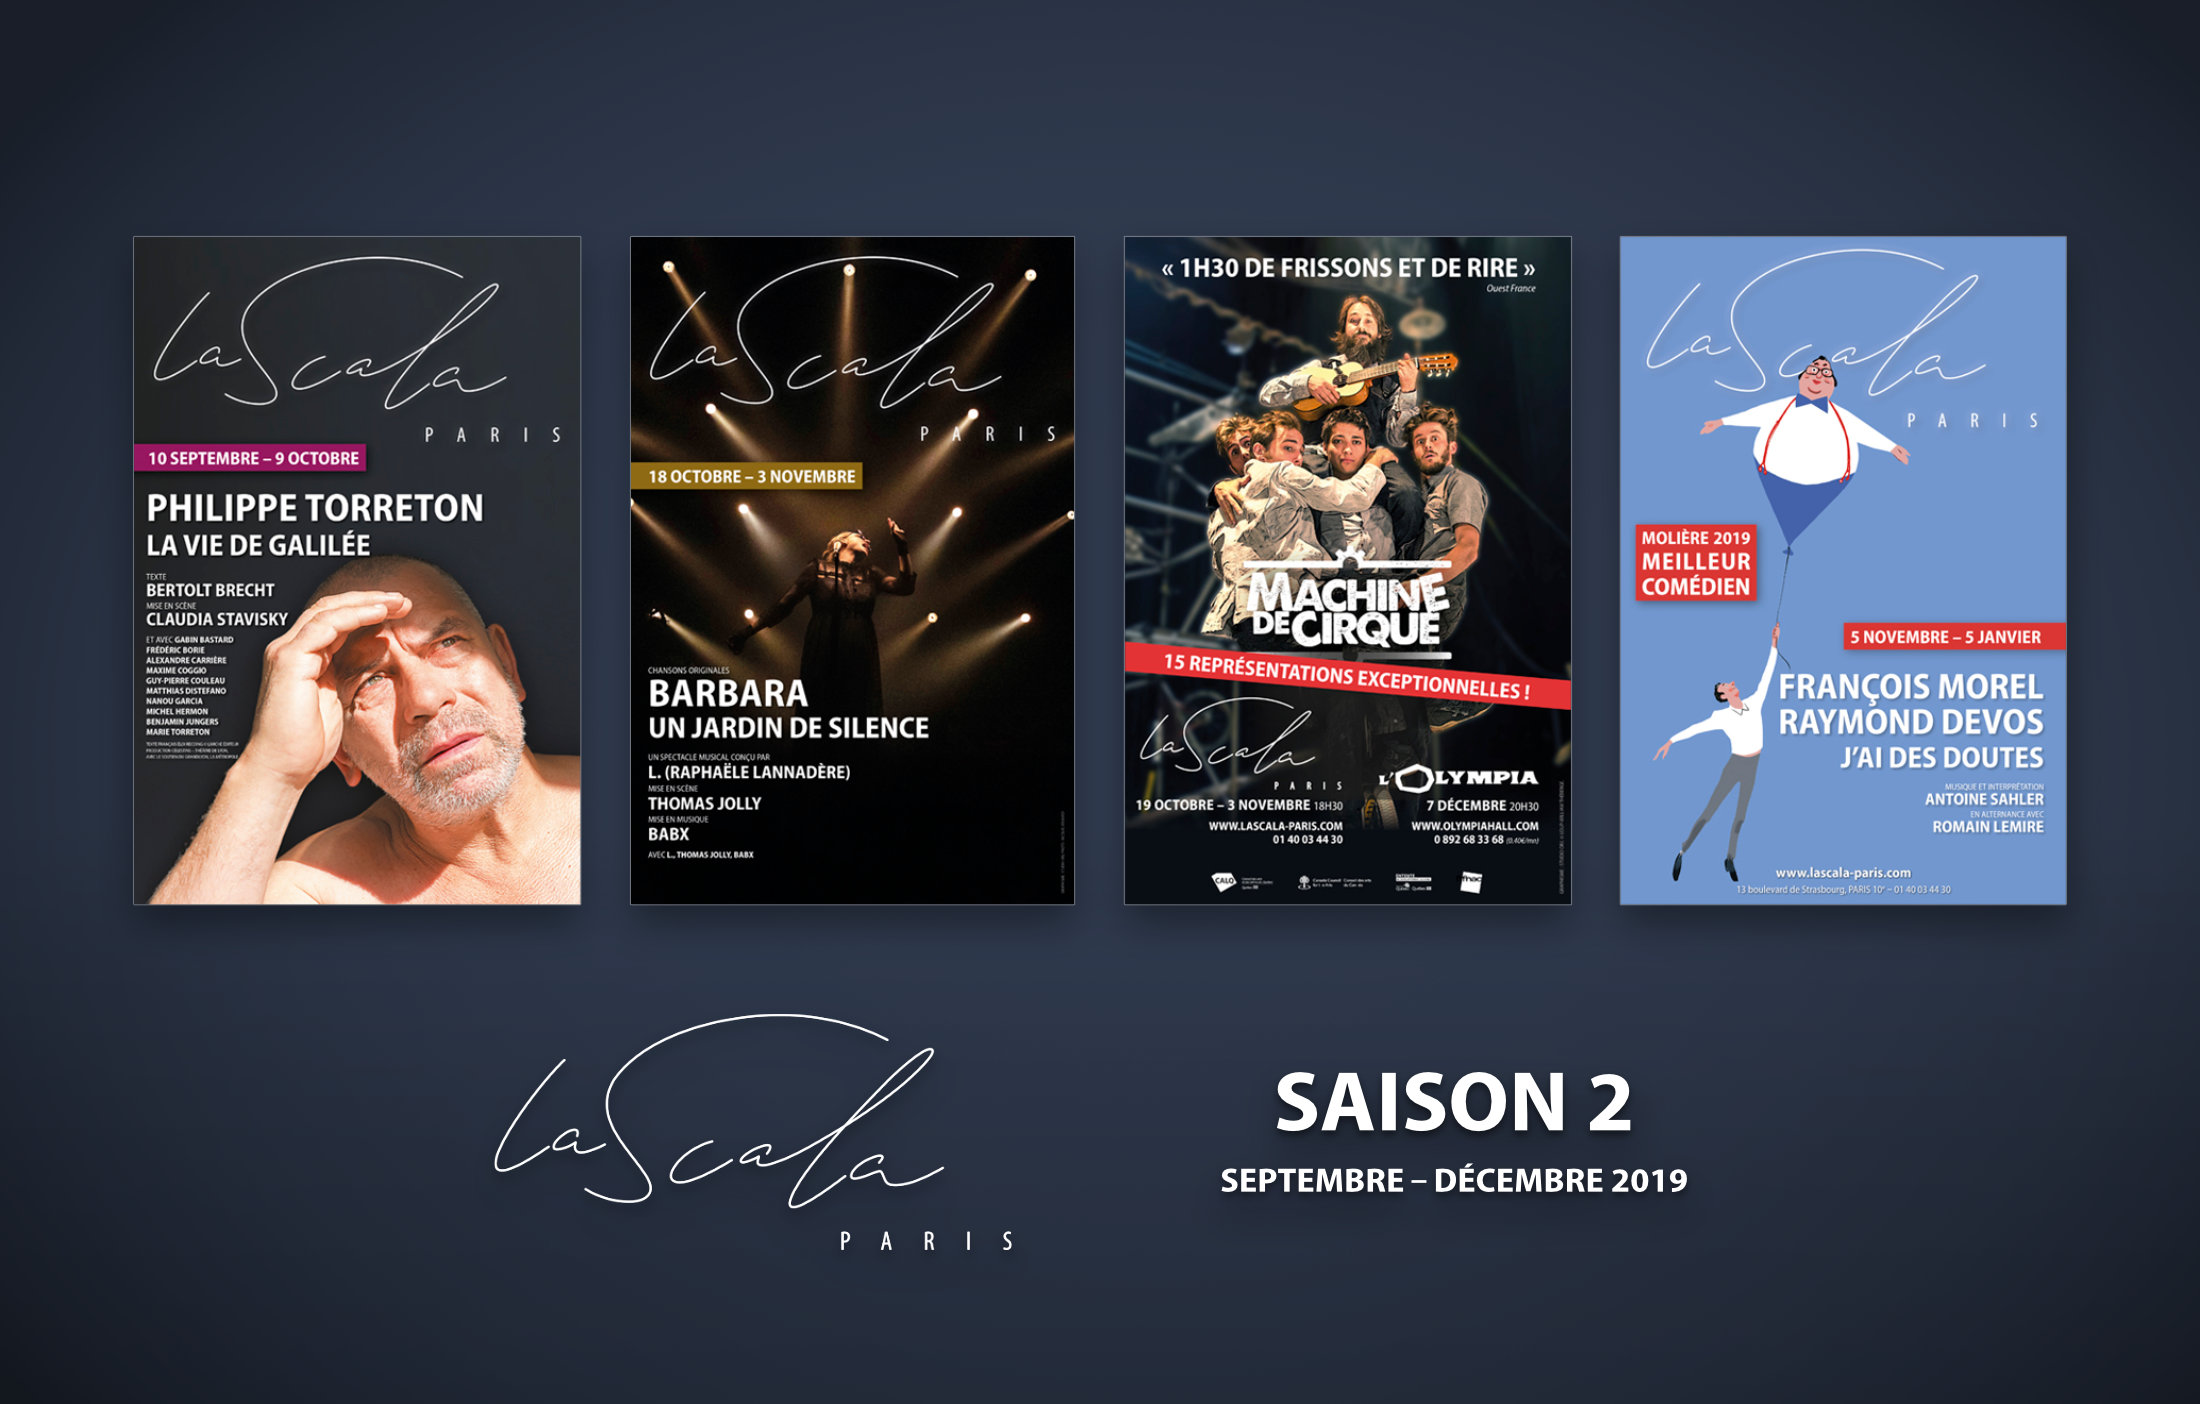 La-Scala-Saison-2-septembre-decembre-2019-2@2x